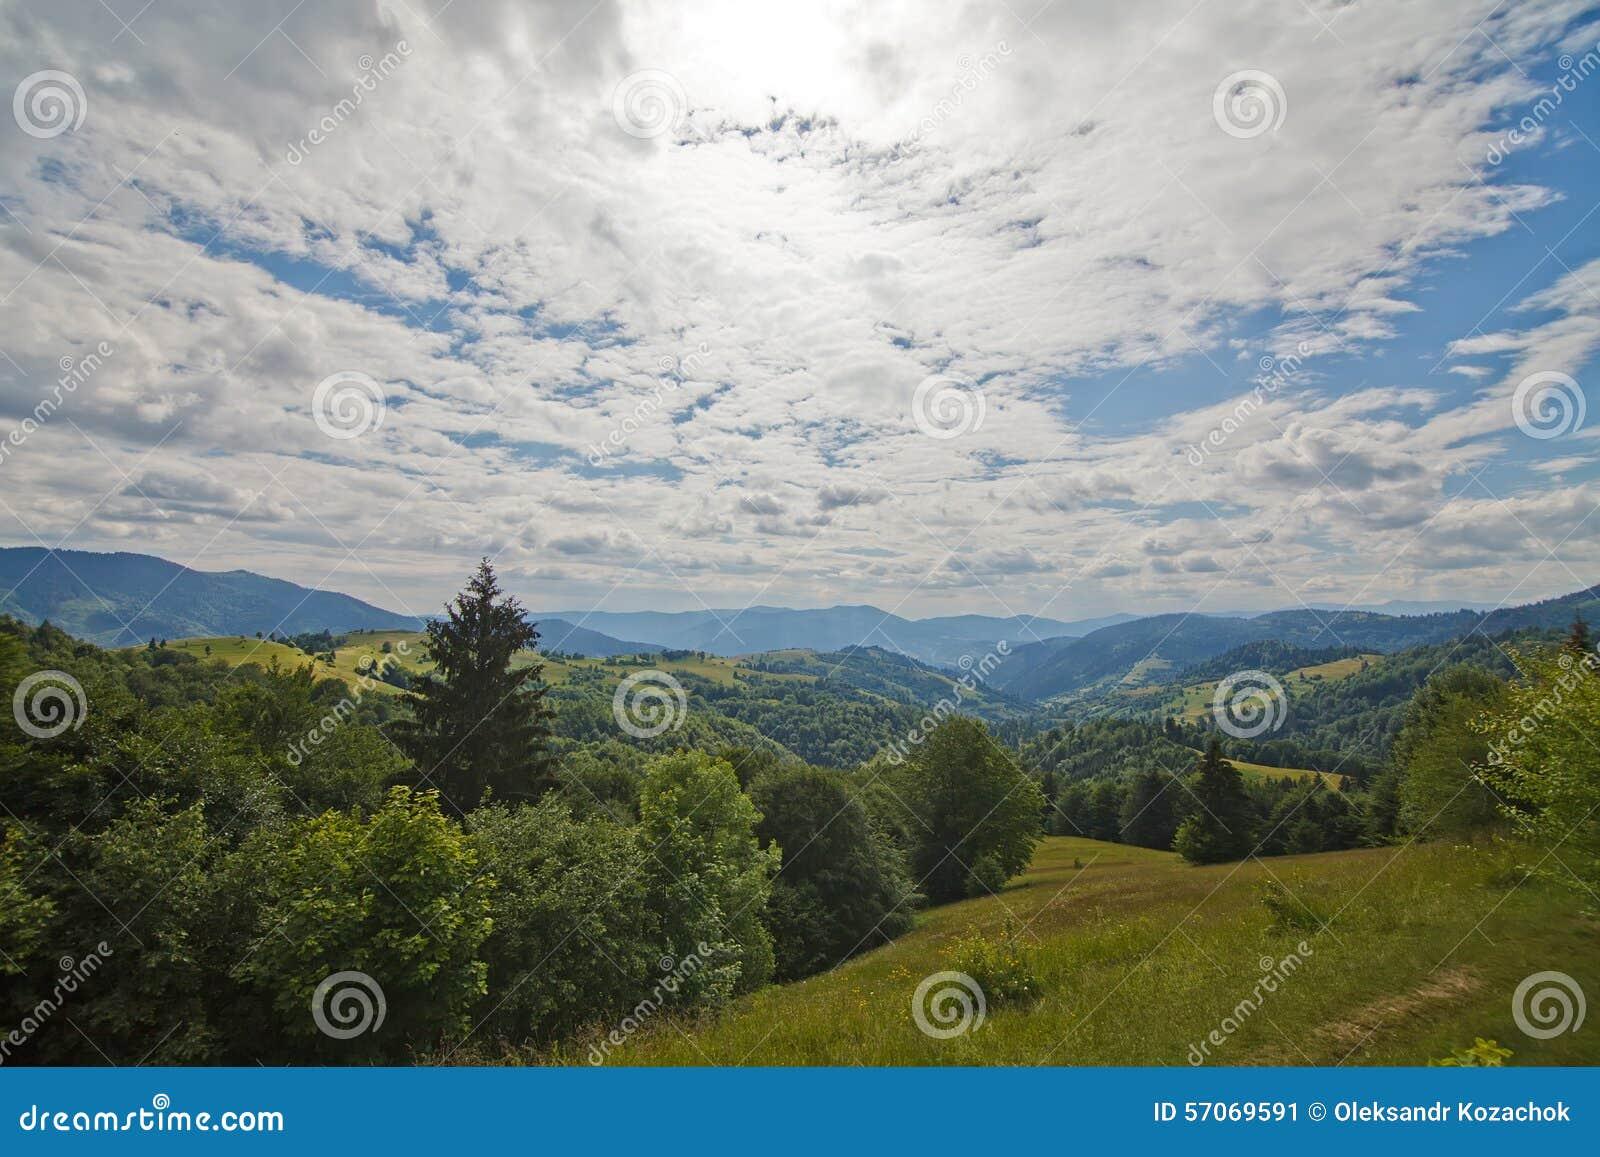 Karpatische heuvels als achtergrond